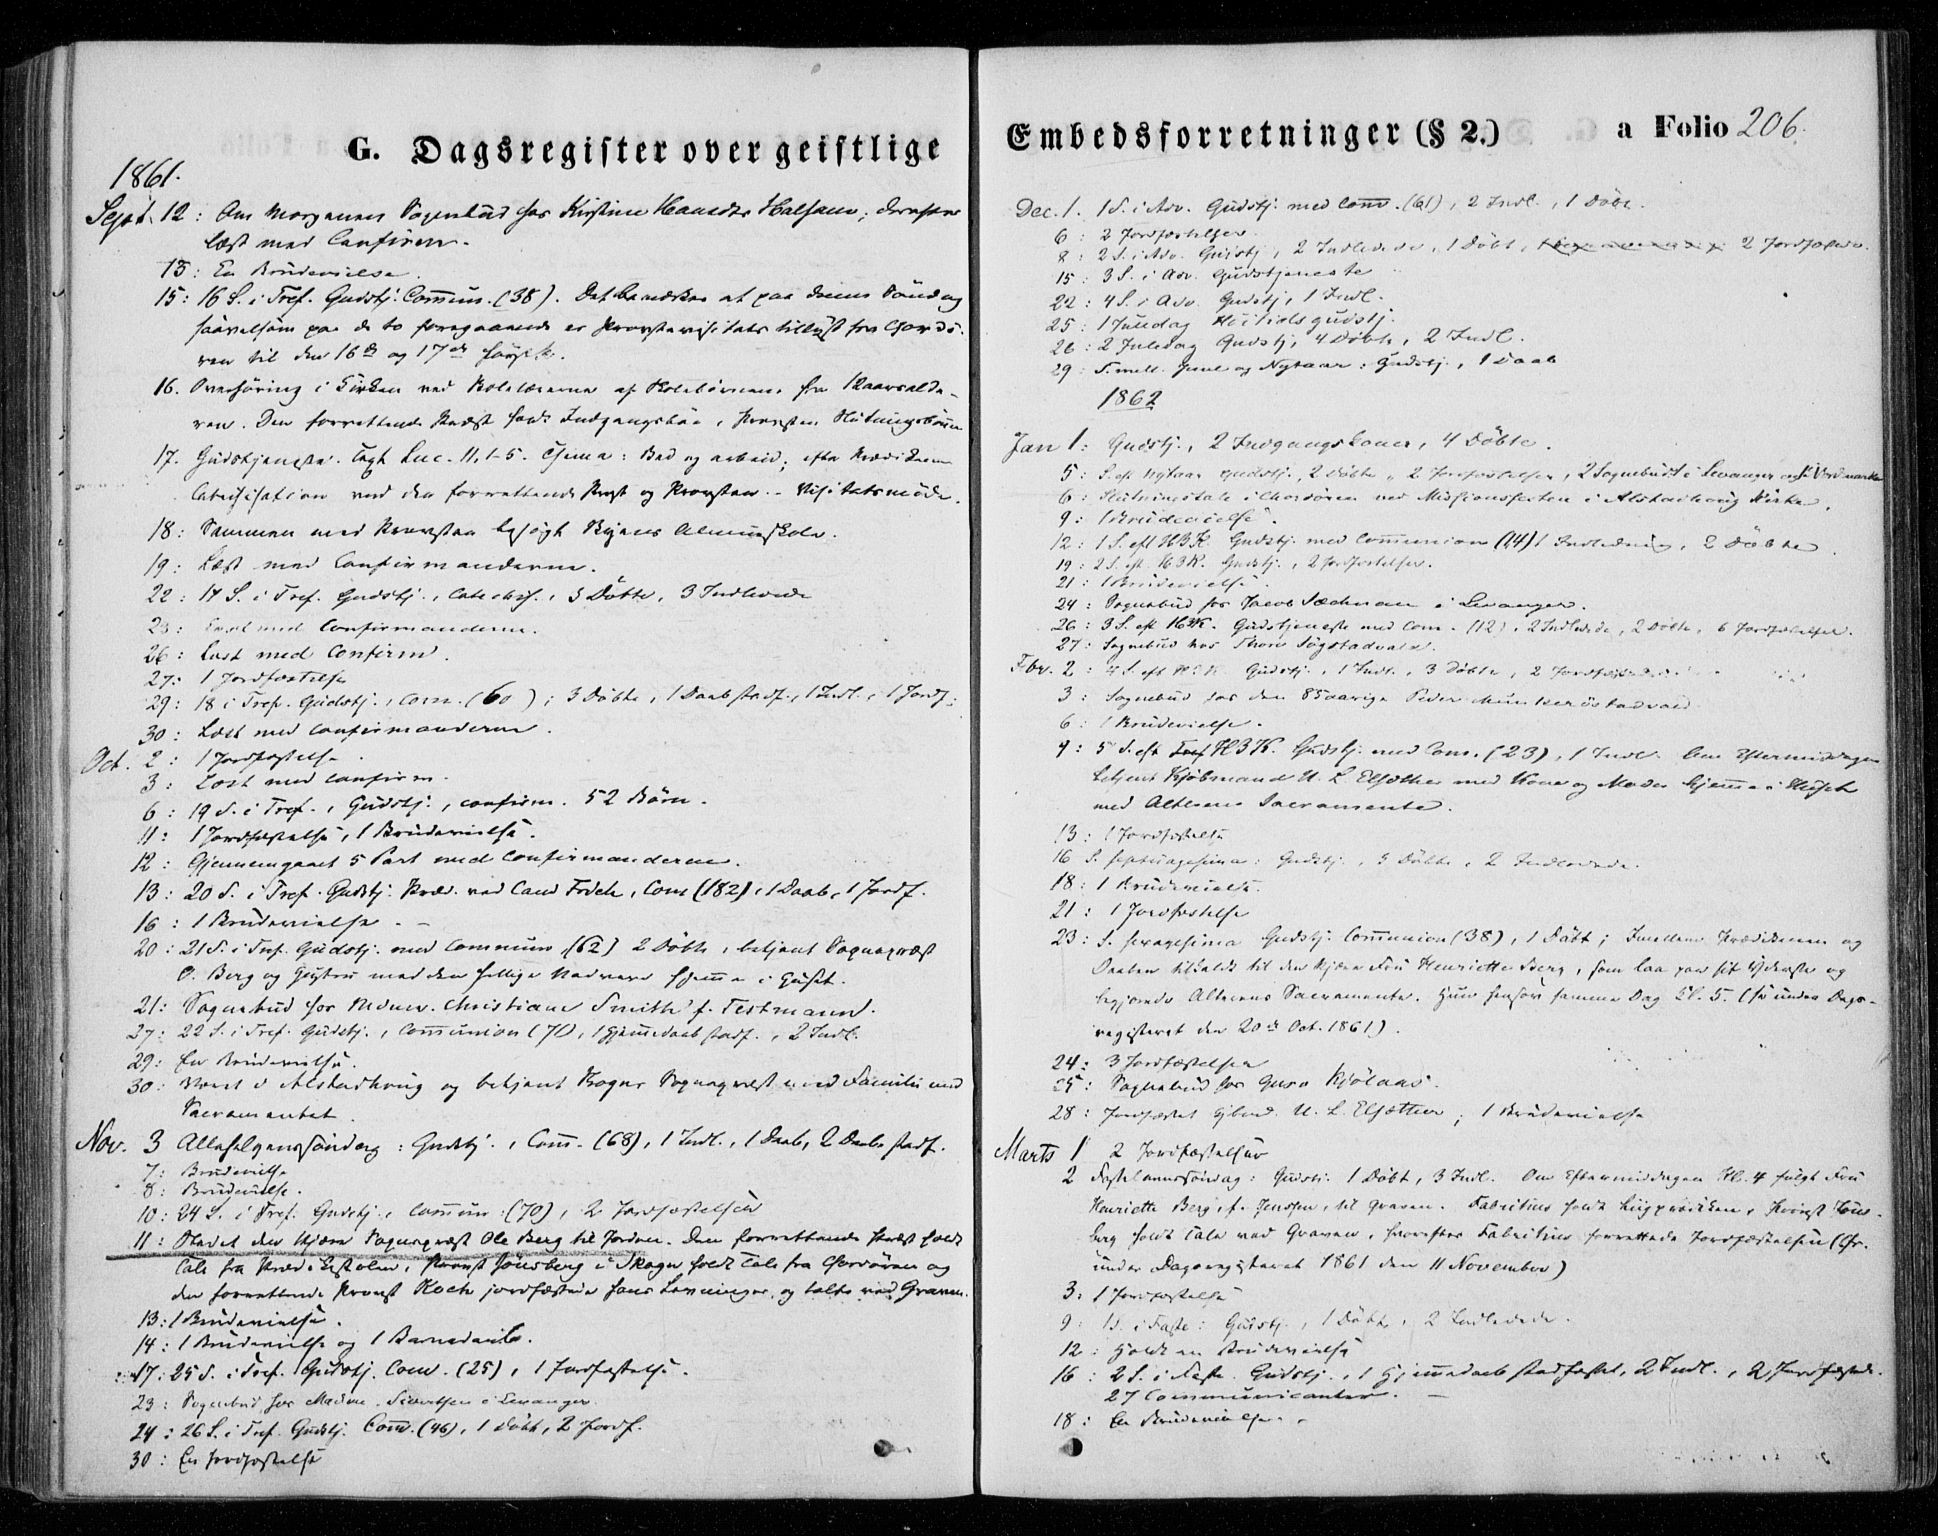 SAT, Ministerialprotokoller, klokkerbøker og fødselsregistre - Nord-Trøndelag, 720/L0184: Ministerialbok nr. 720A02 /1, 1855-1863, s. 206